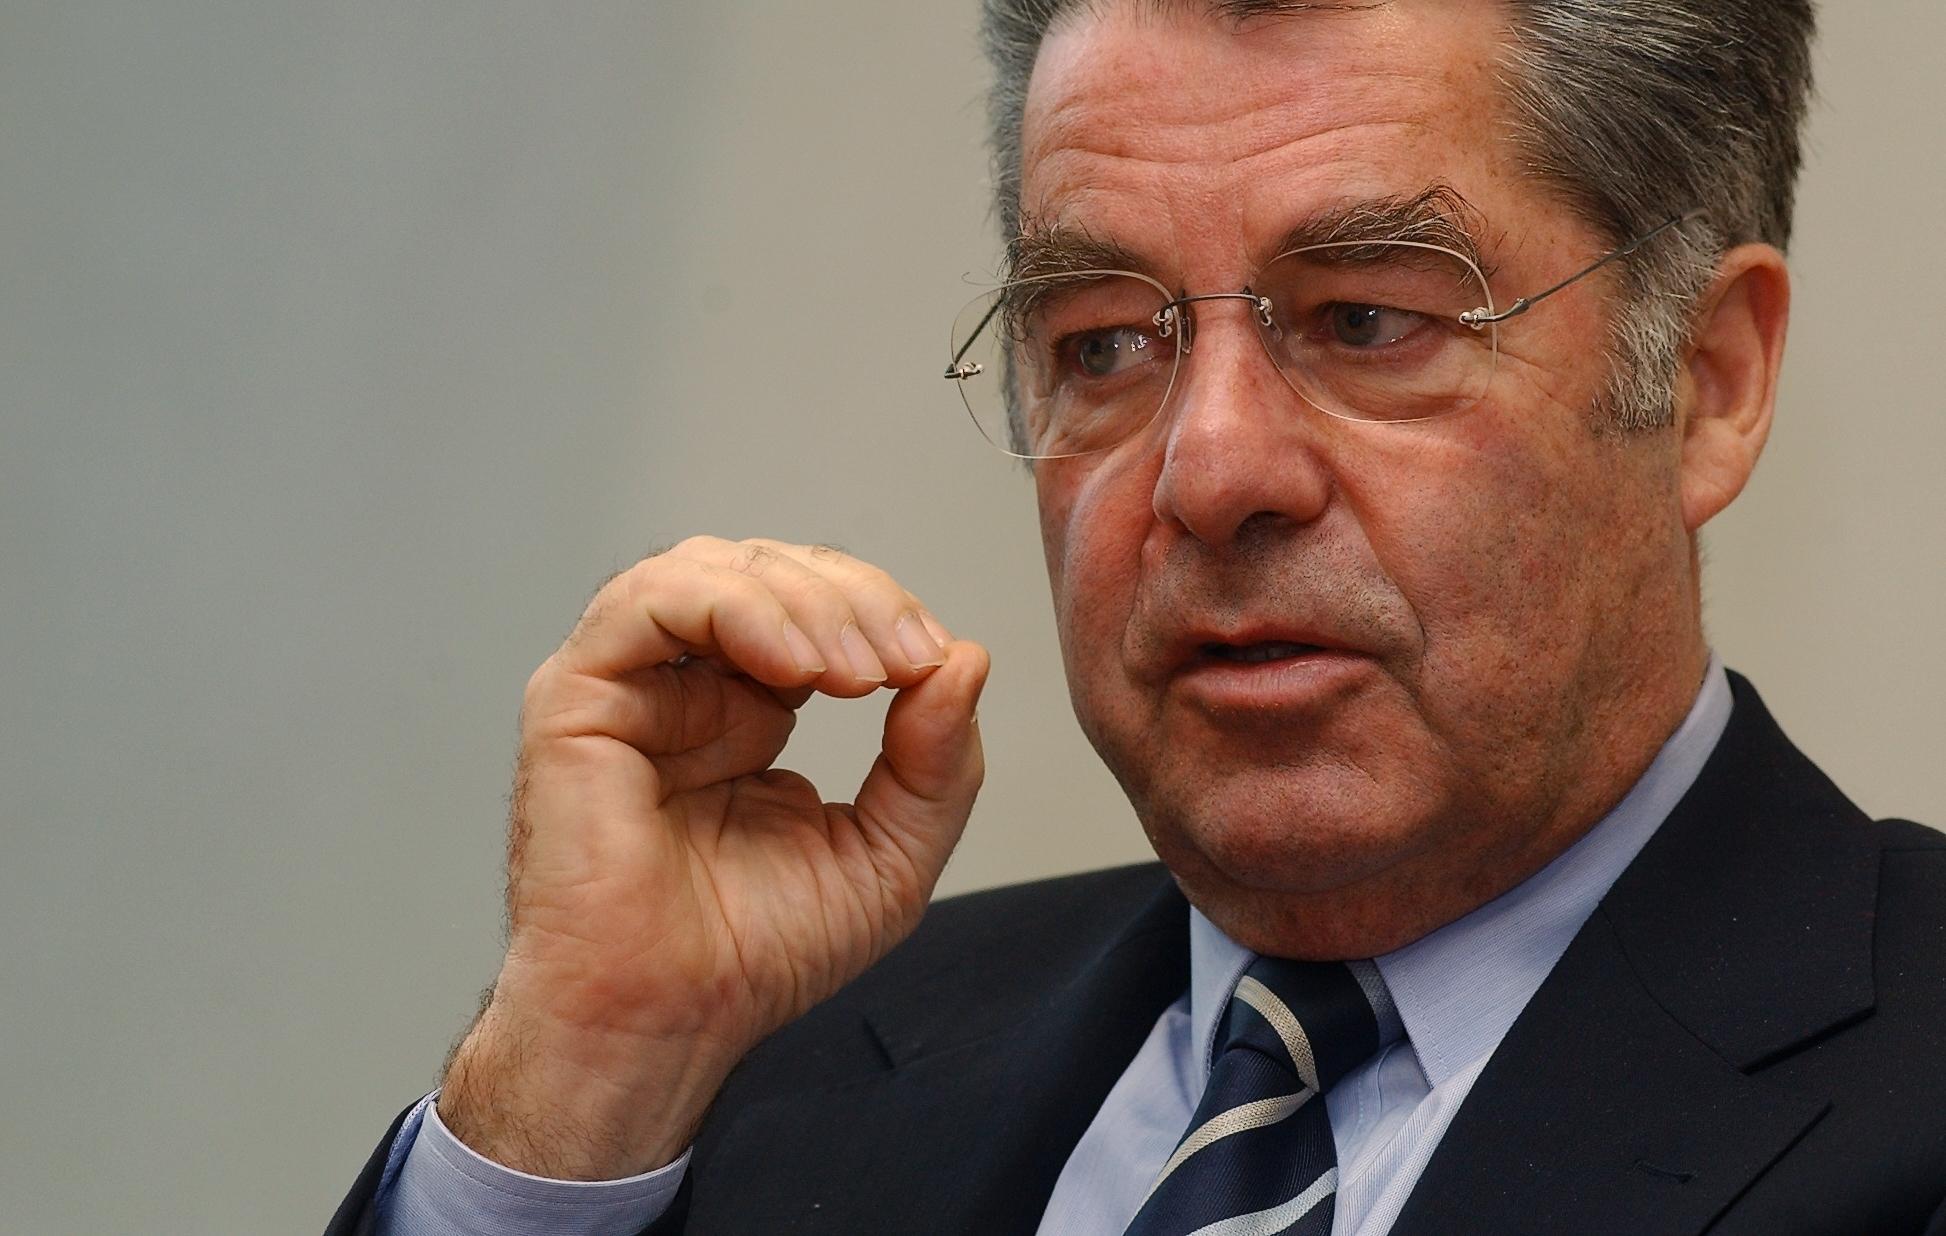 Хайнц Фишер: Товарооборот между Австрией и Азербайджаном вырос в 10 раз за последнее десятилетие